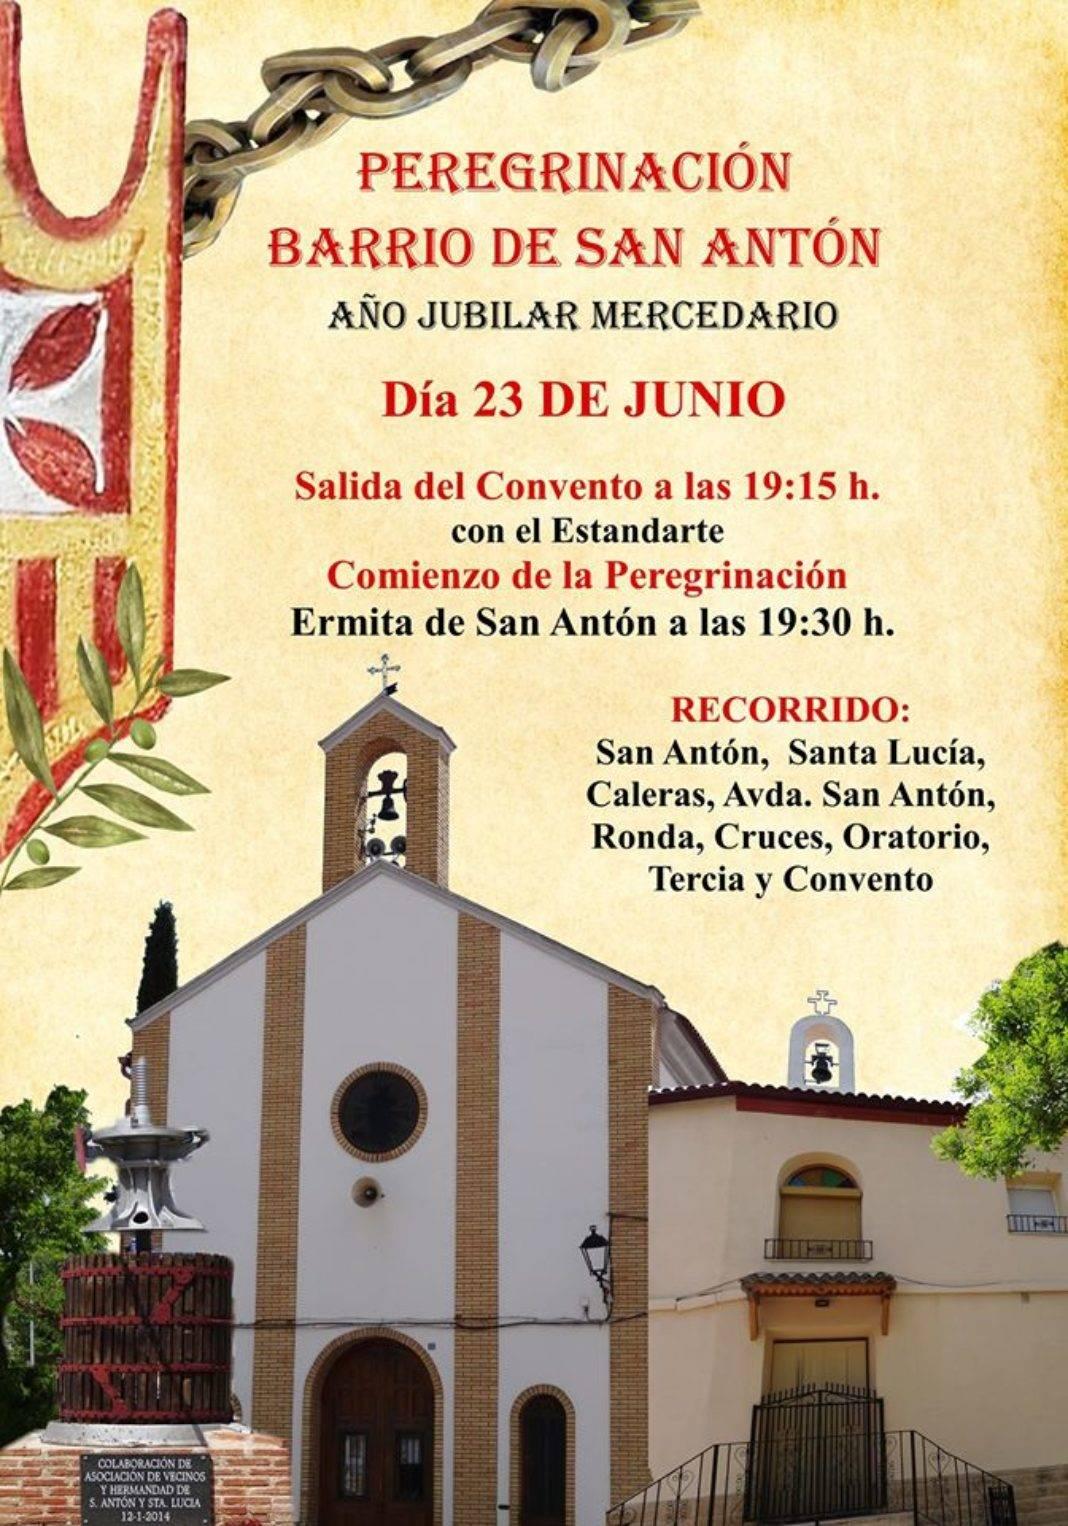 peregrinación mercedaria barrio de san Anton 1068x1526 - Peregrinación jubilar mercedaria del barrio de San Antón